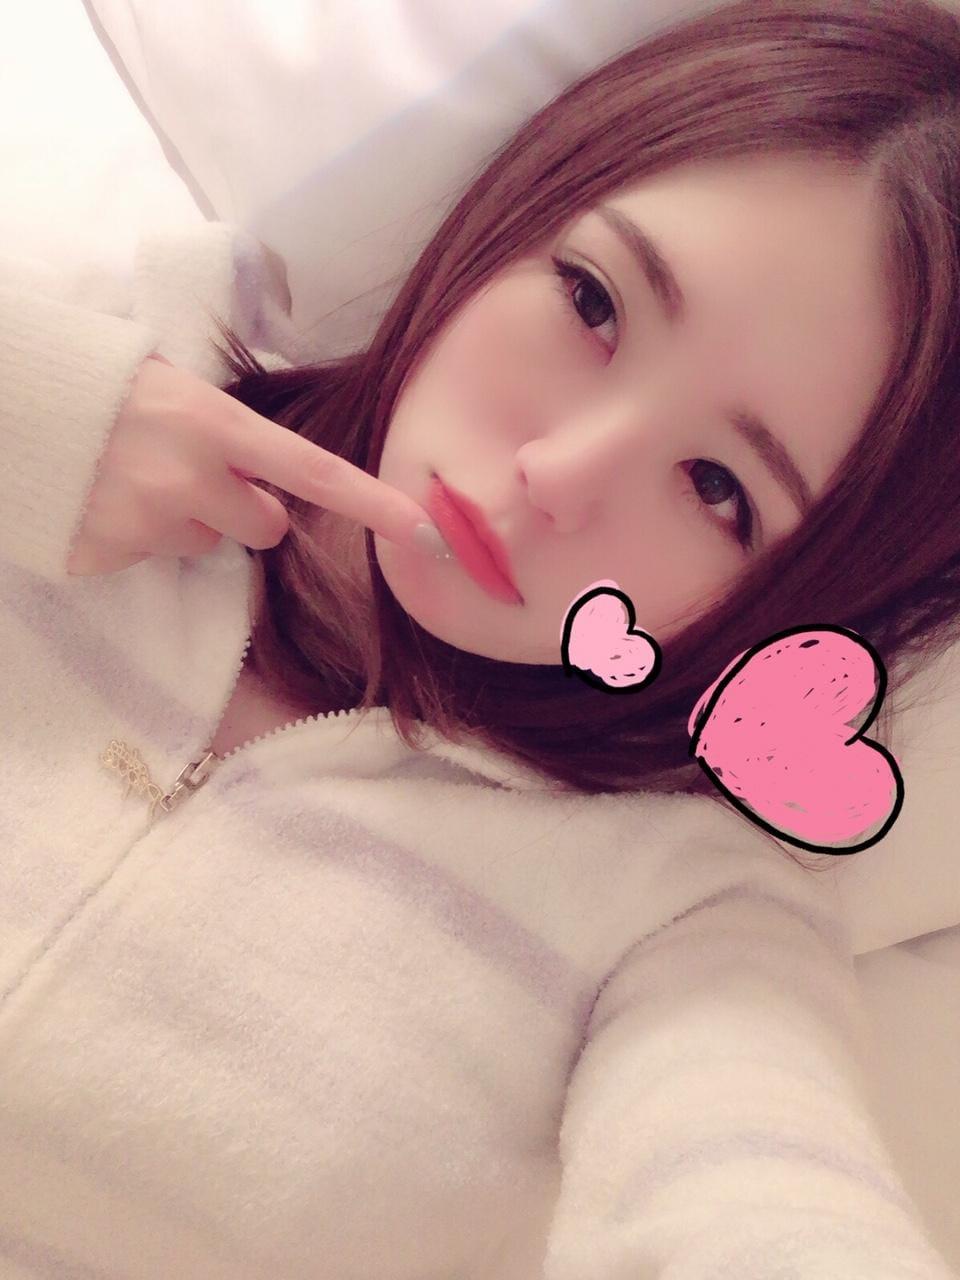 「好き!」03/25(03/25) 12:29 | あやみ☆の写メ・風俗動画